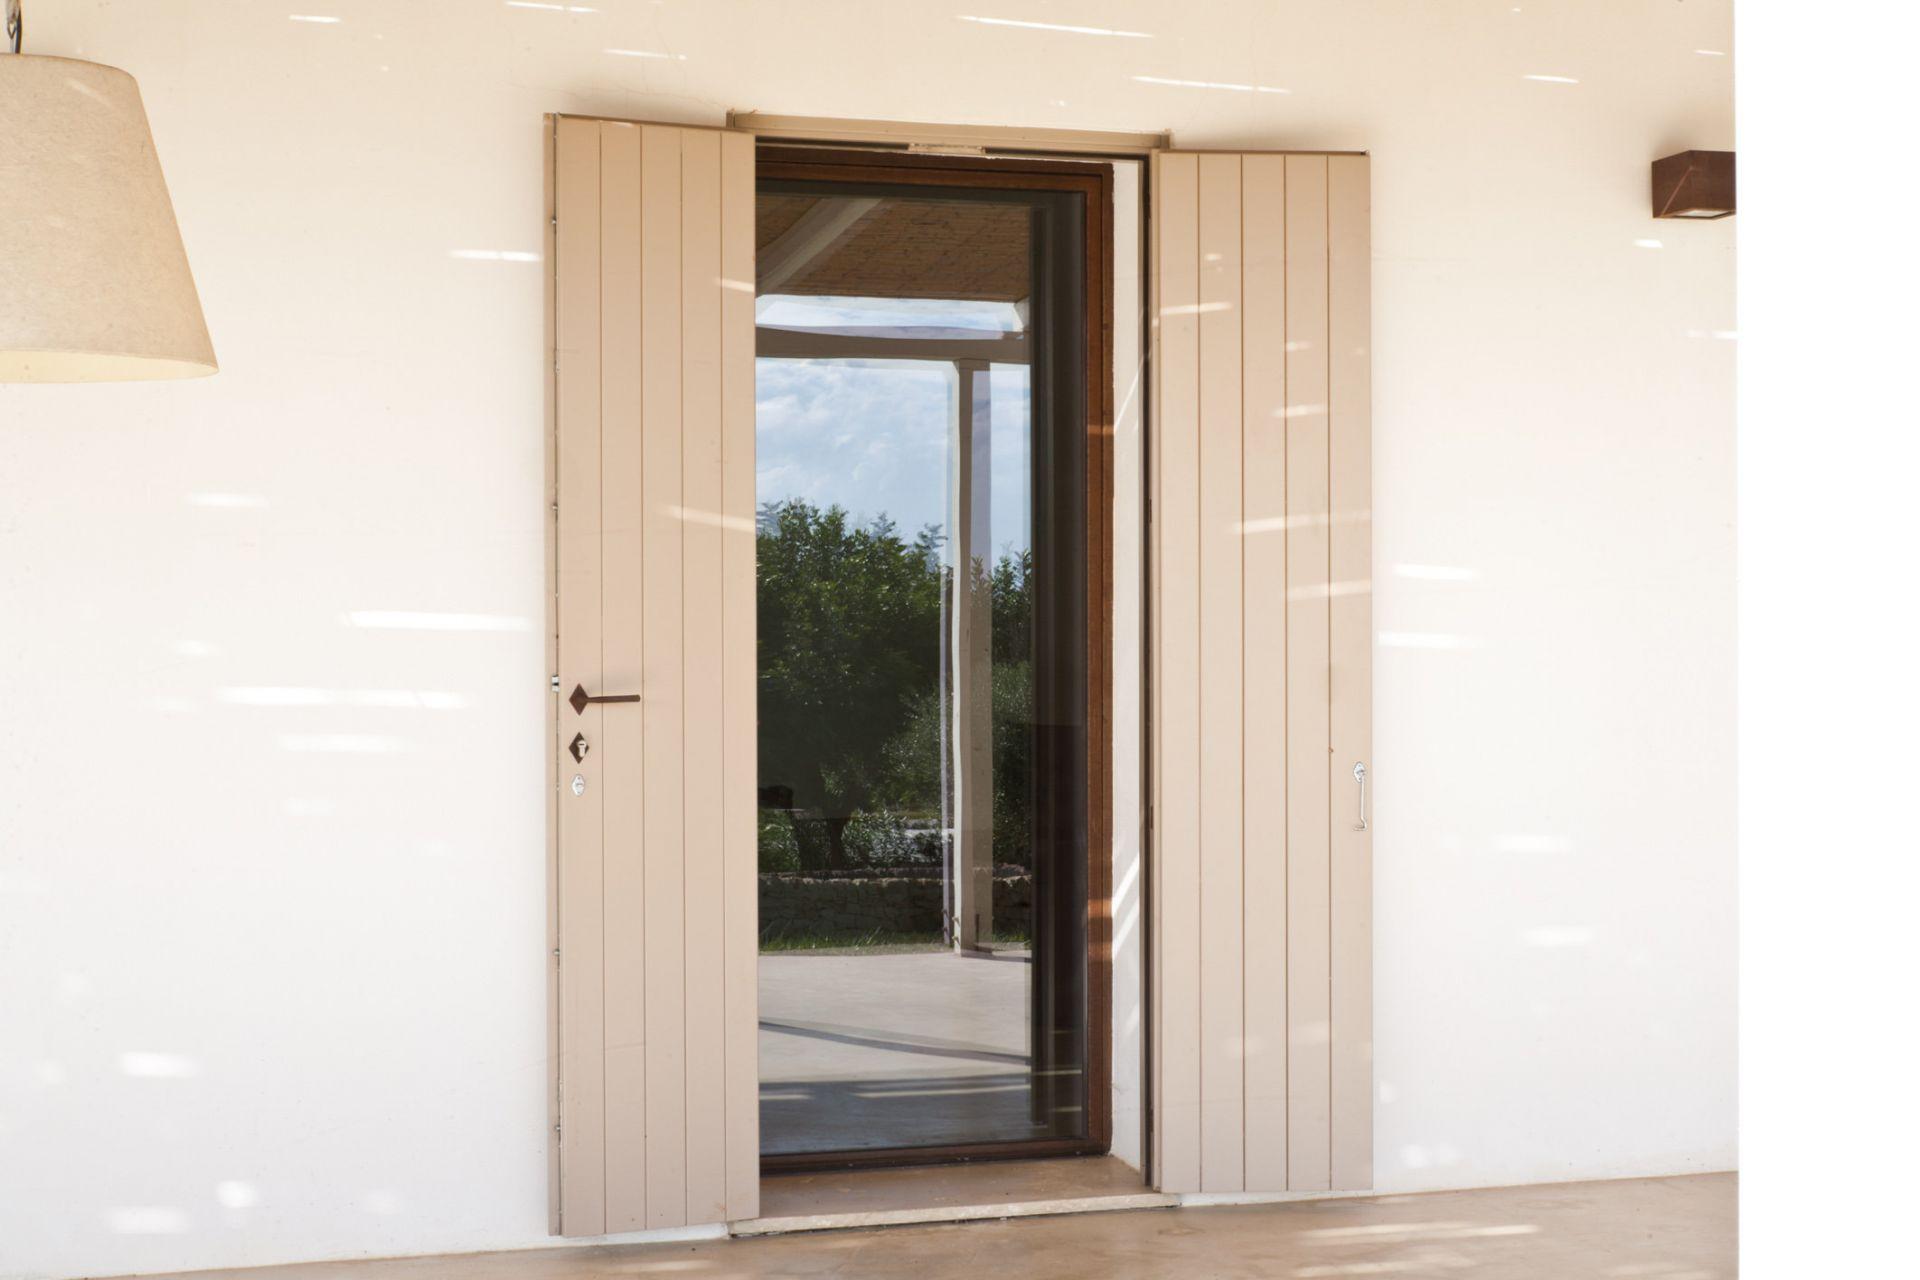 Infissi in acciaio corten a taglio freddo per villetta scicli sicilia - Porta finestra legno ...